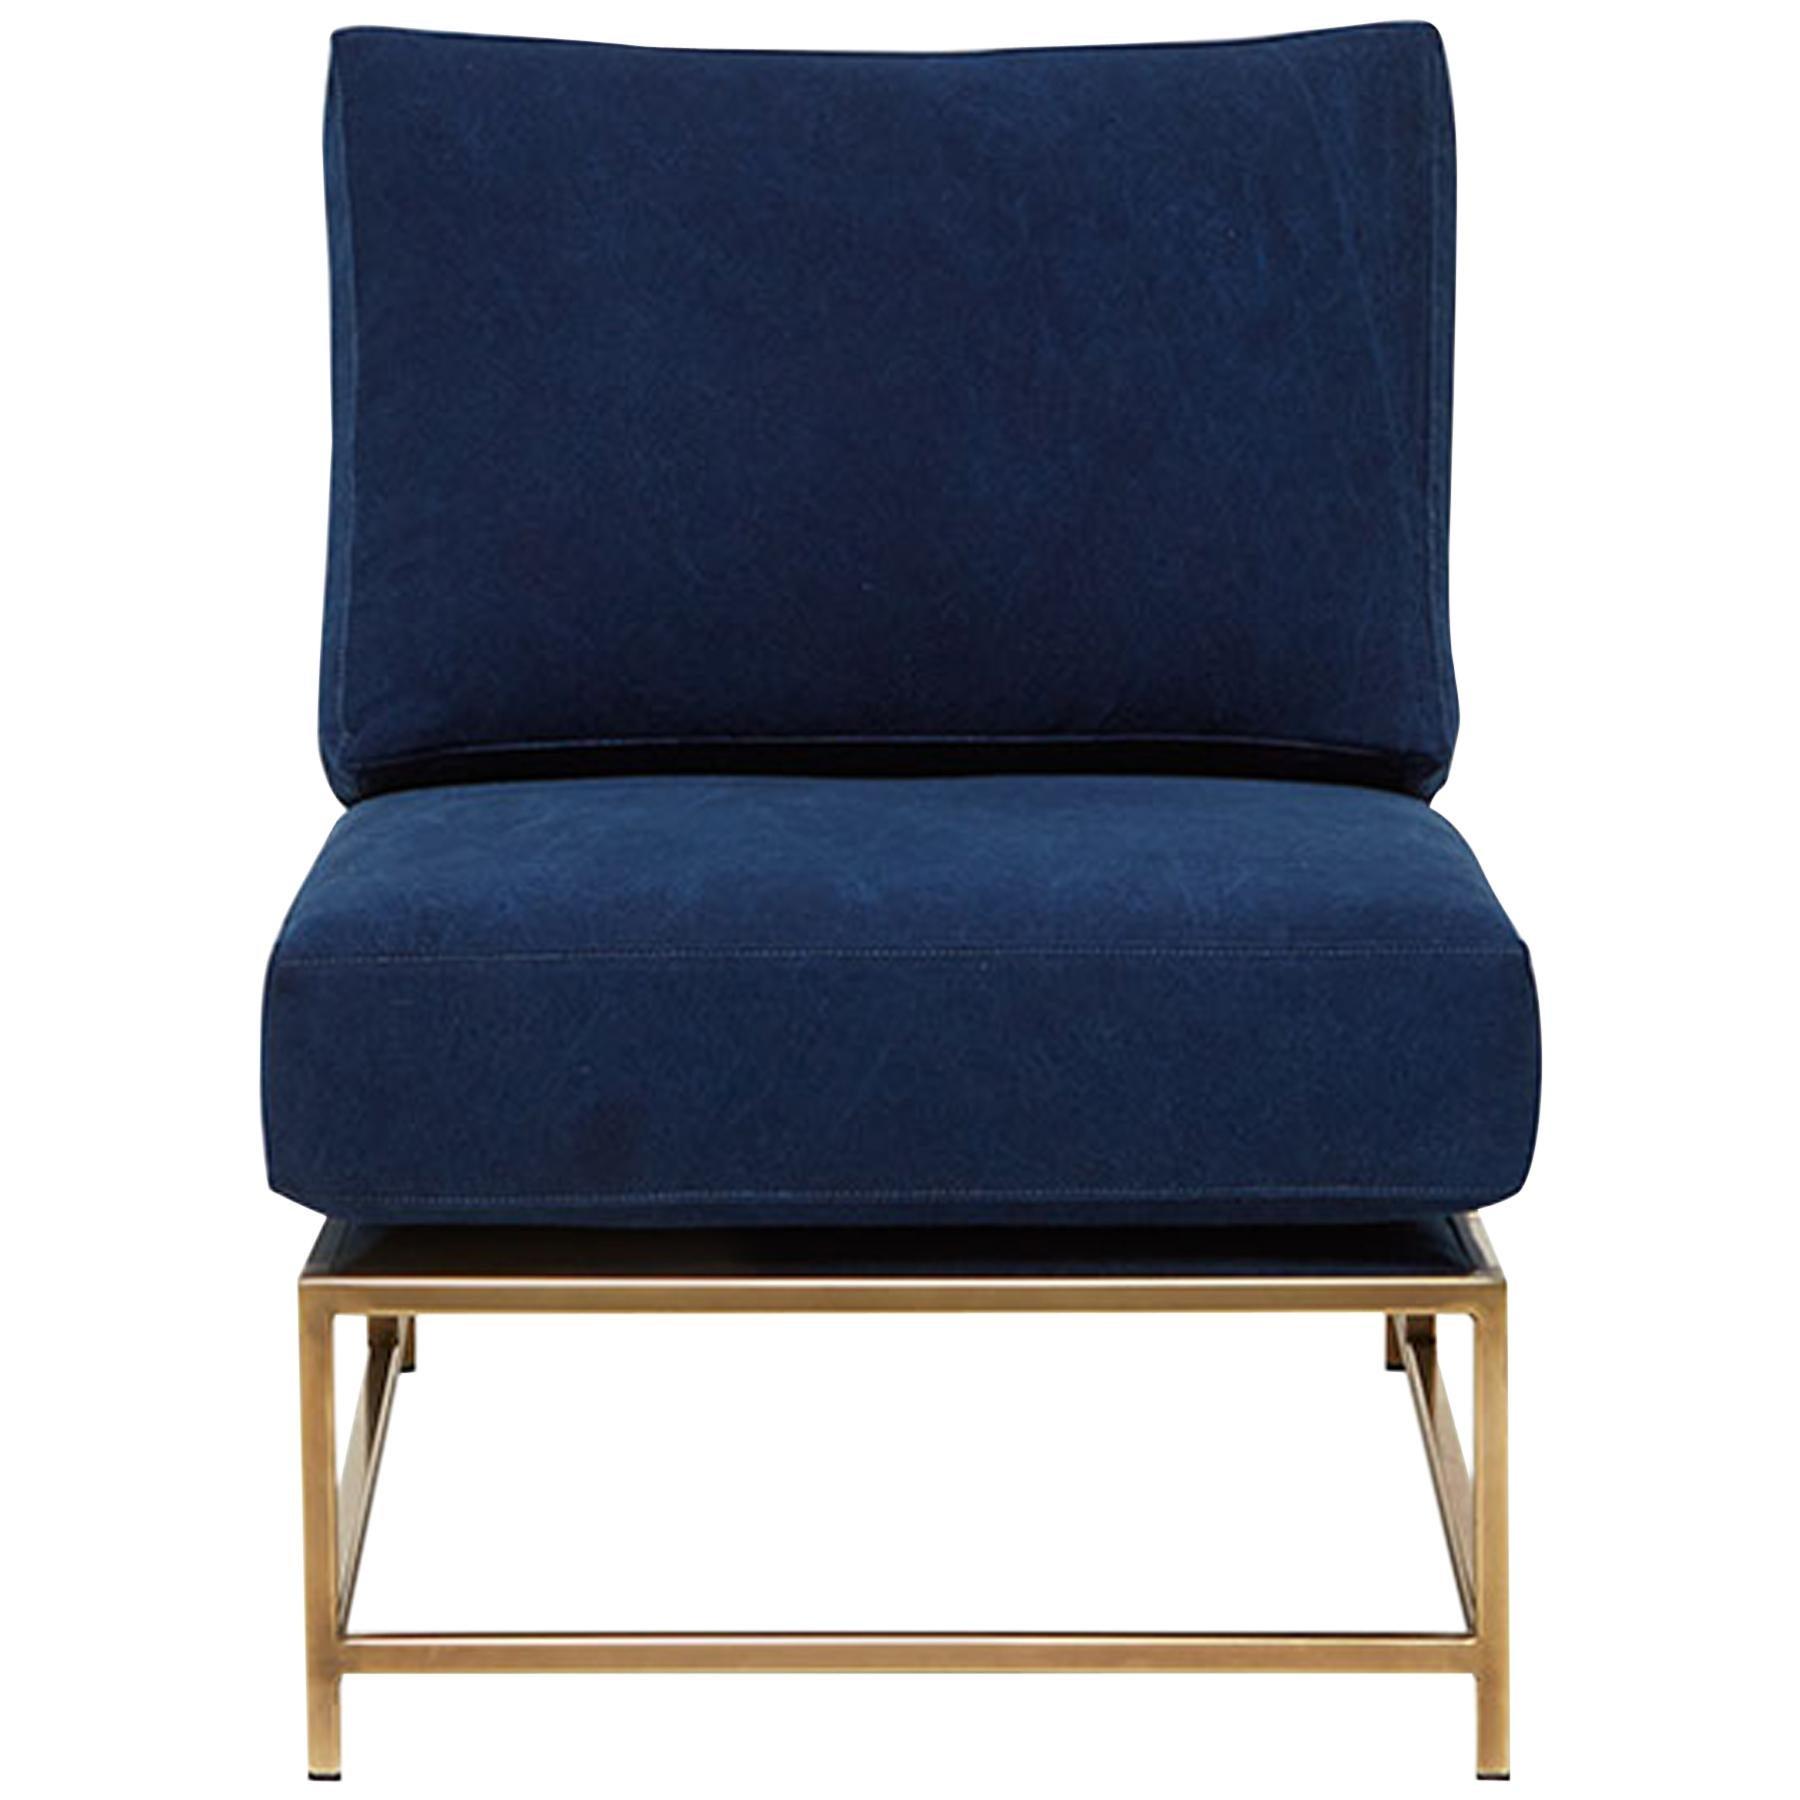 Indigo Canvas & Tarnished Brass Chair